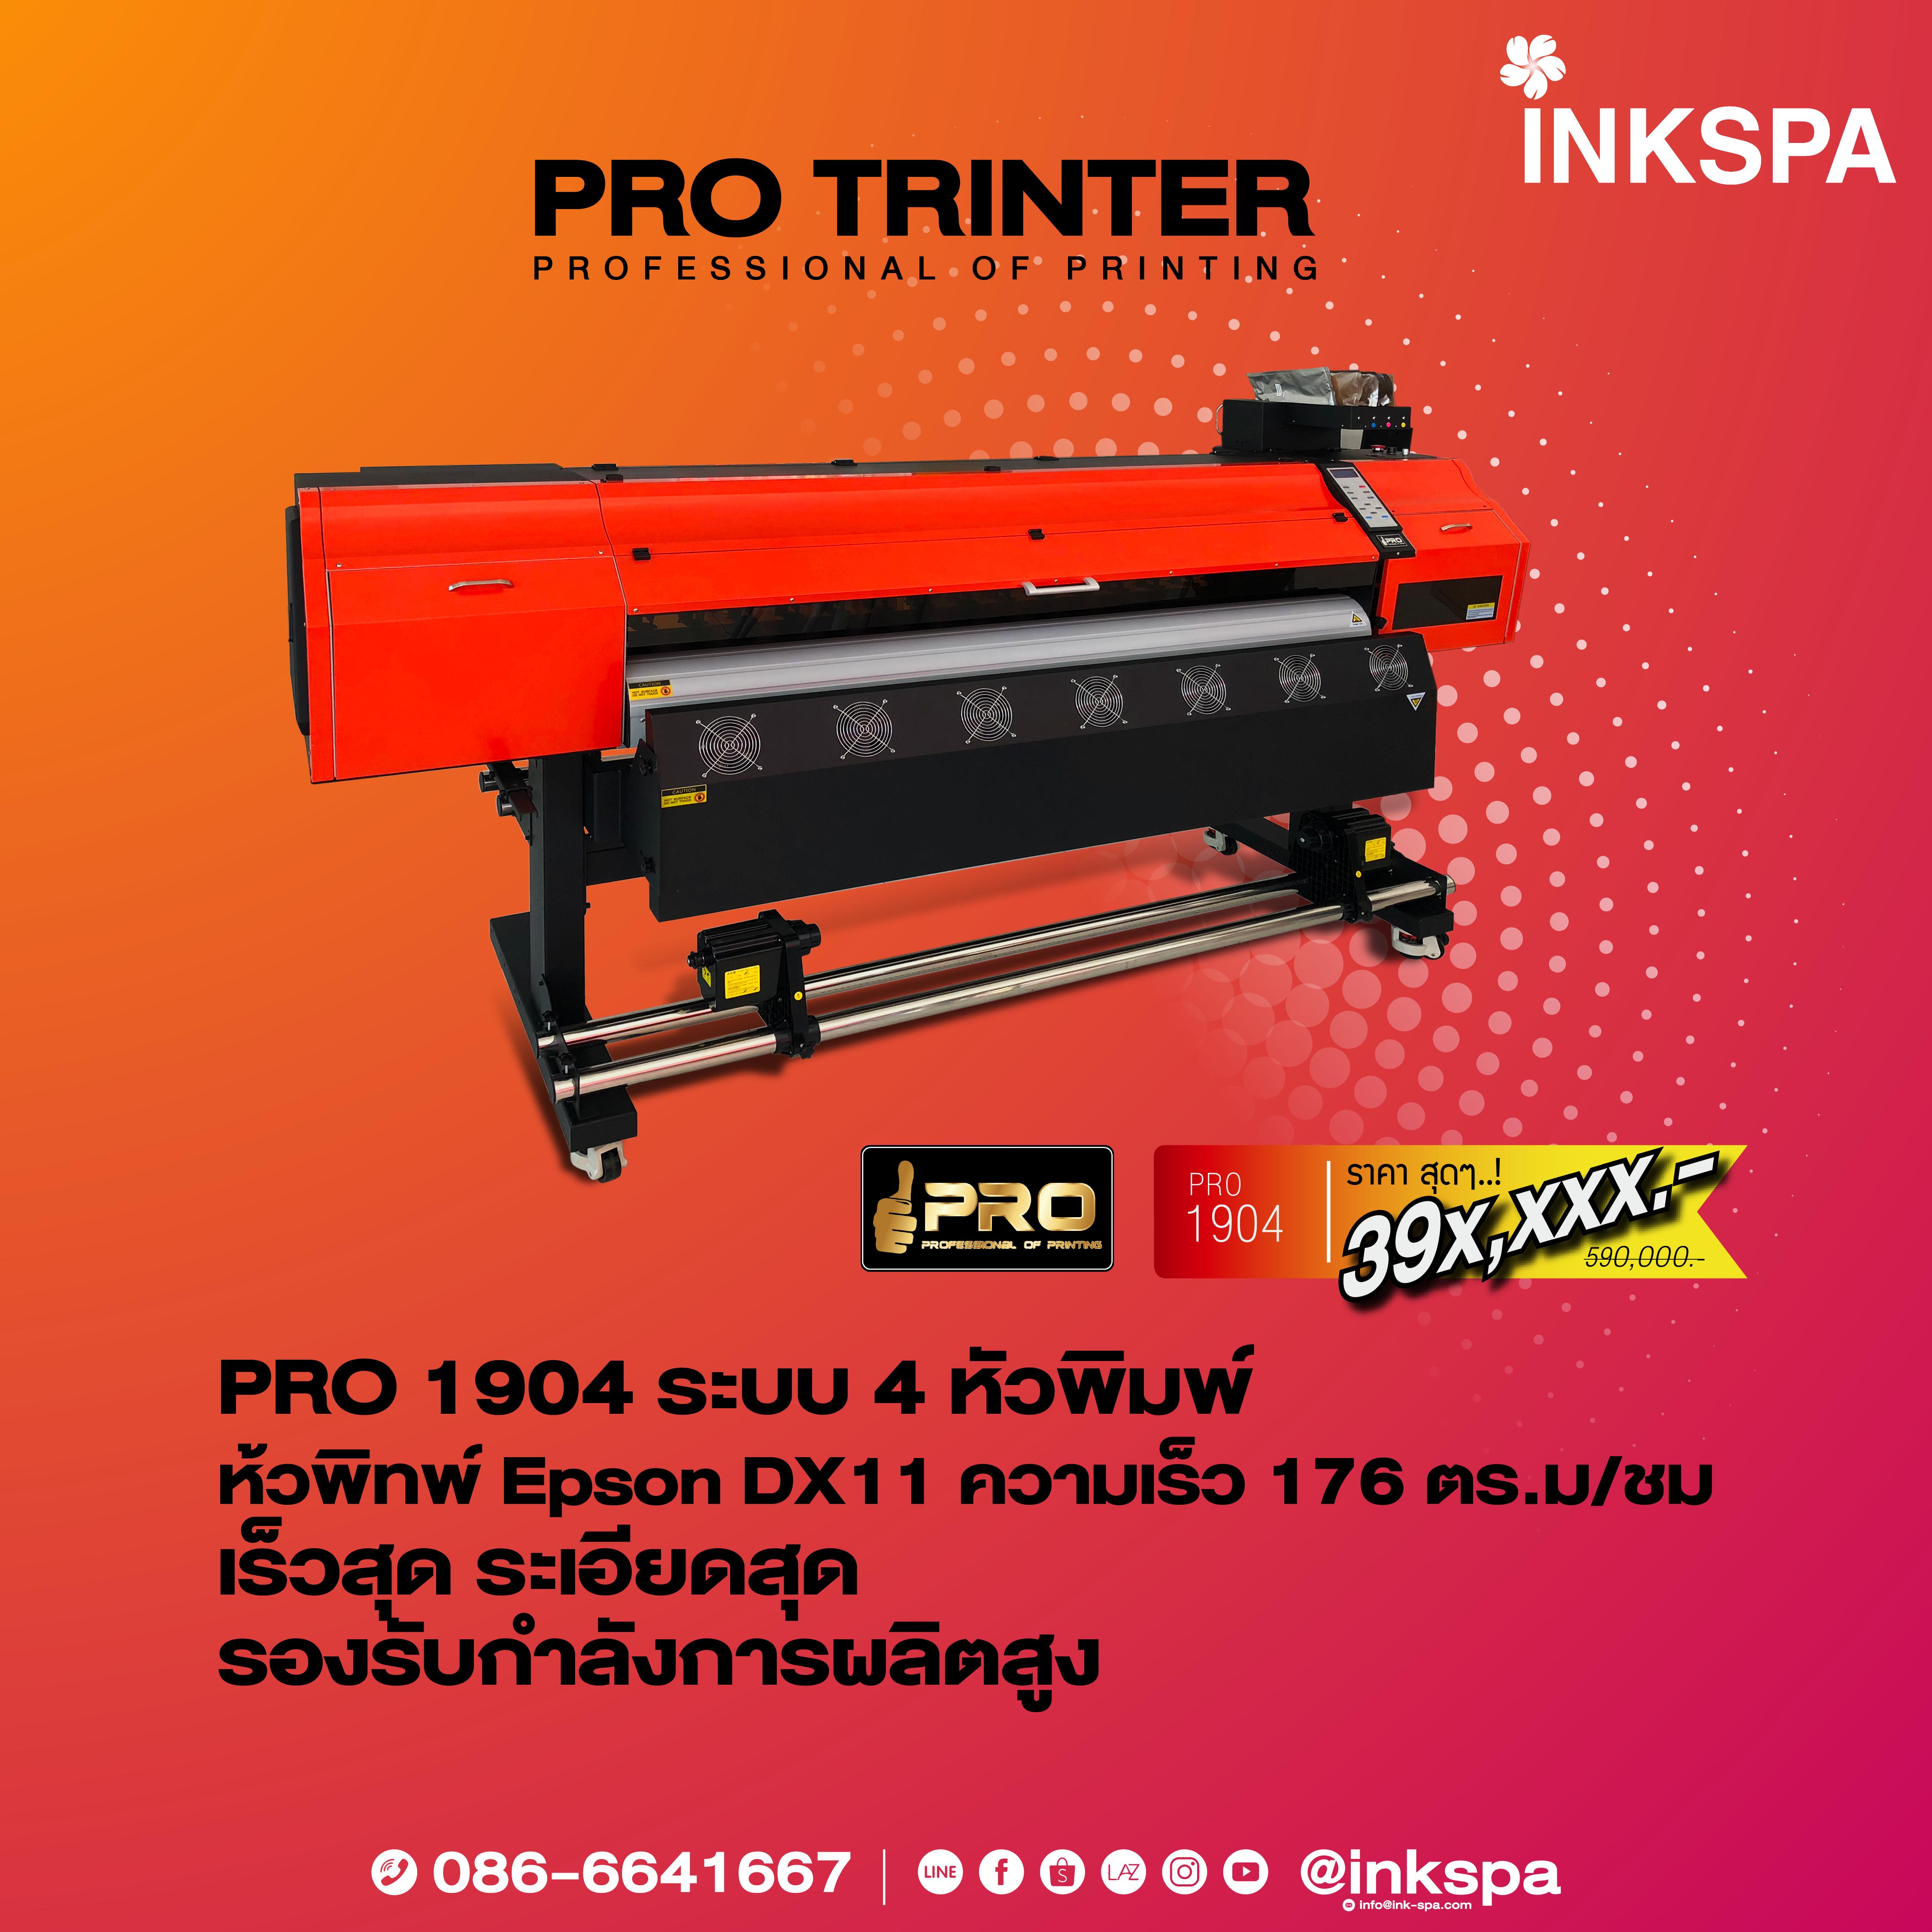 Pro Printer เครื่องพิมพ์ซับ, เครื่องพิมพ์เสื้อ , เครื่องพิมพ์ซับลิเมชั่น,เครื่องสกรีนเสื้อ